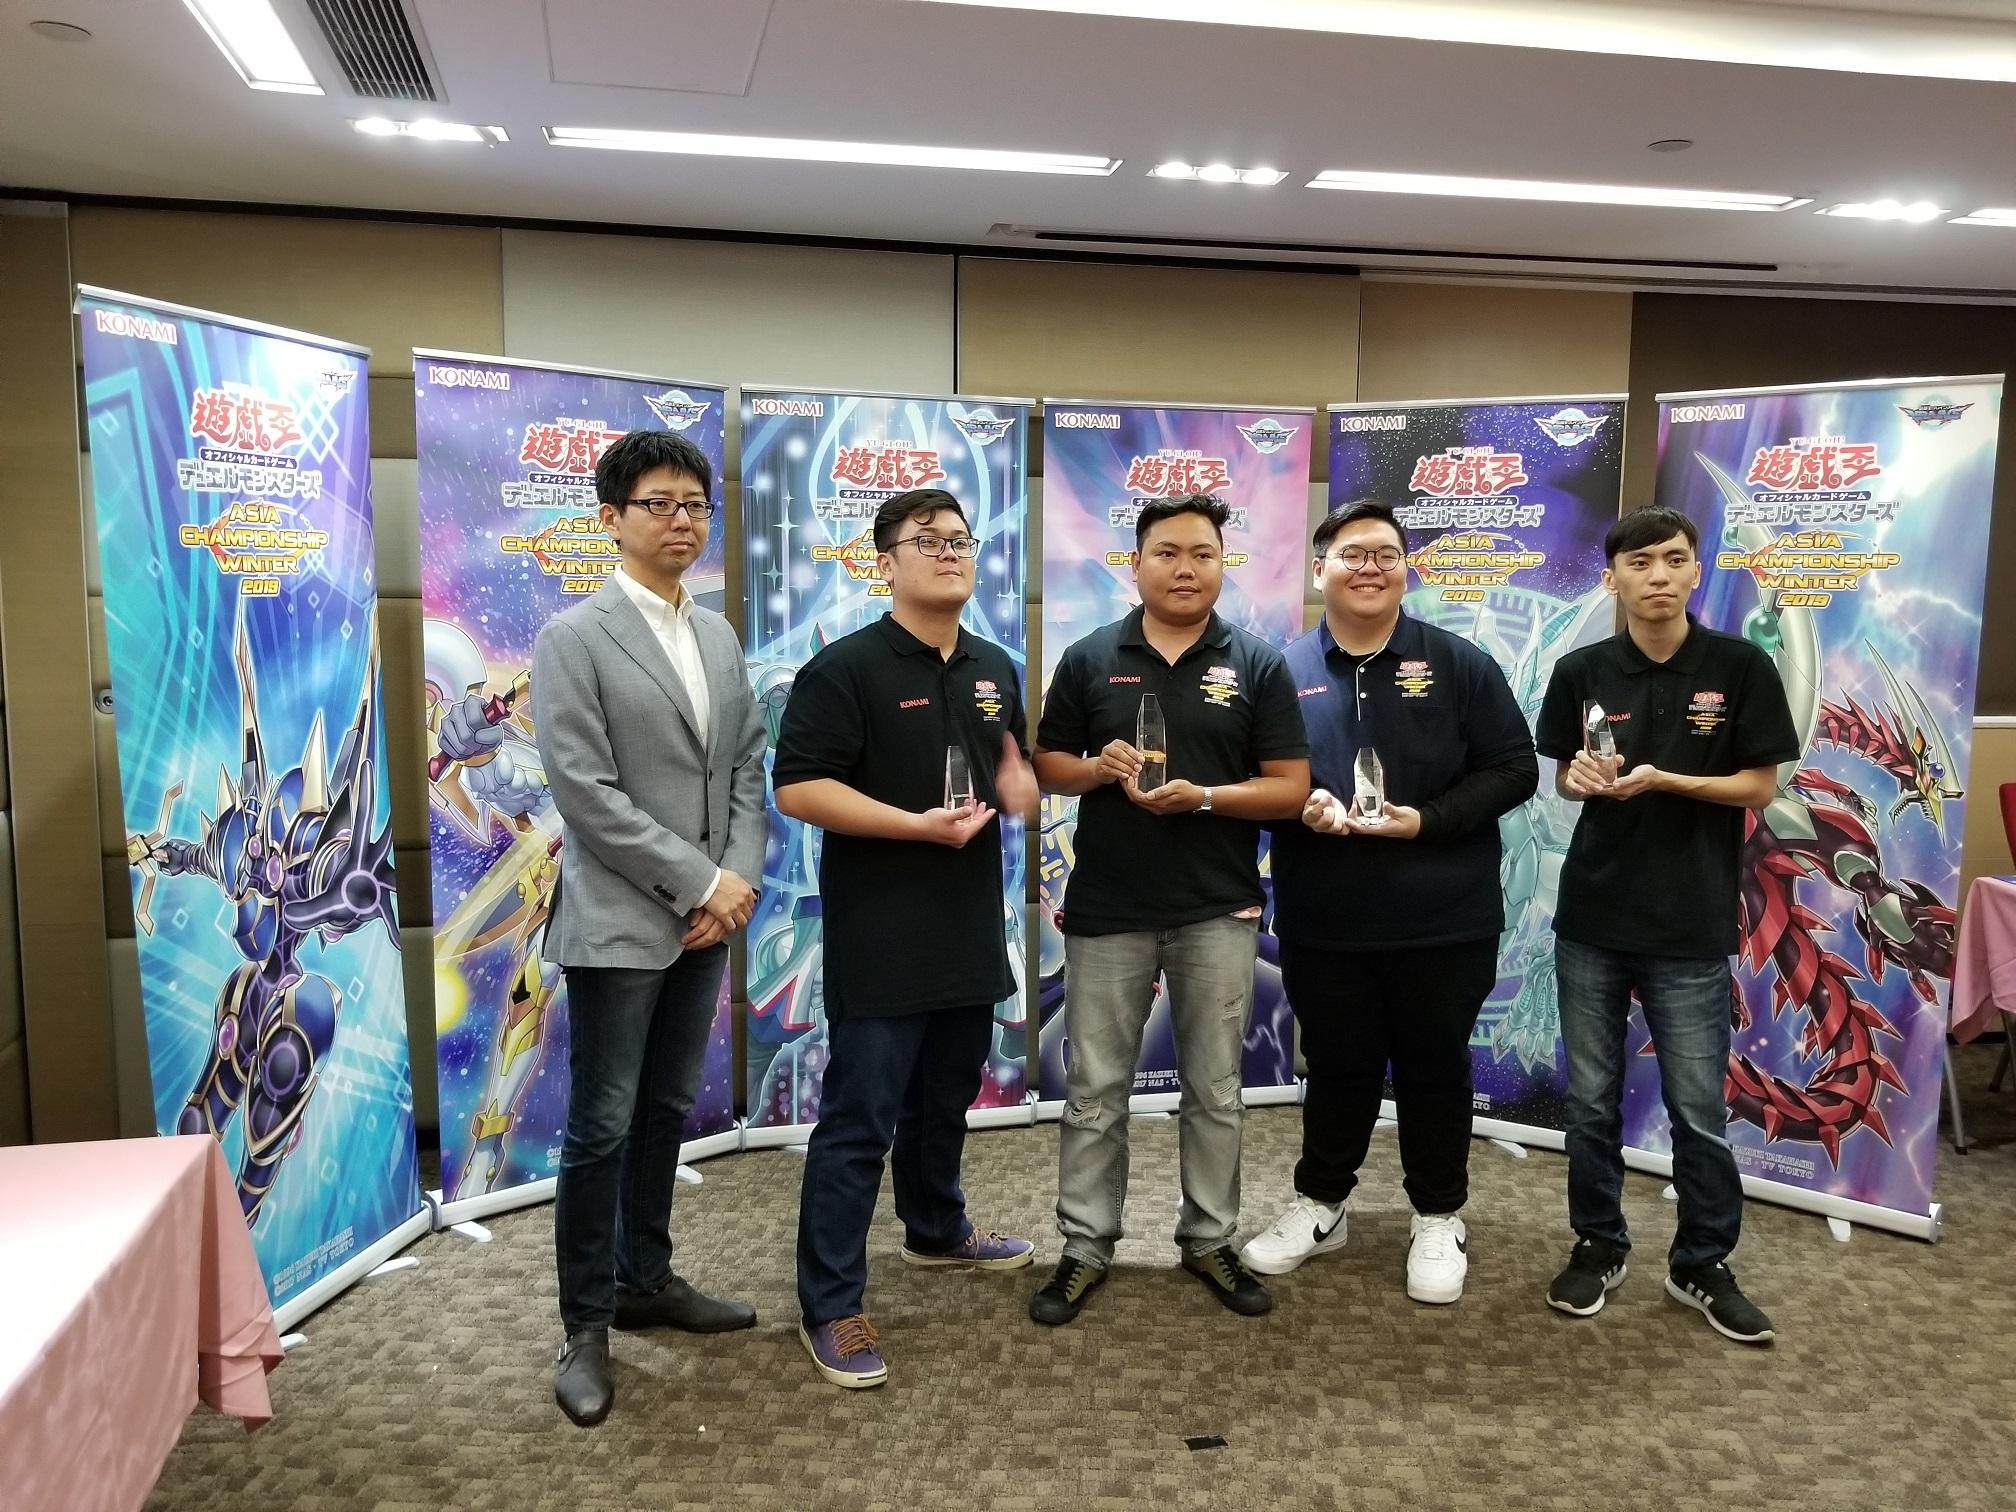 遊戲王亞洲冬季錦標賽2019 決賽舉行